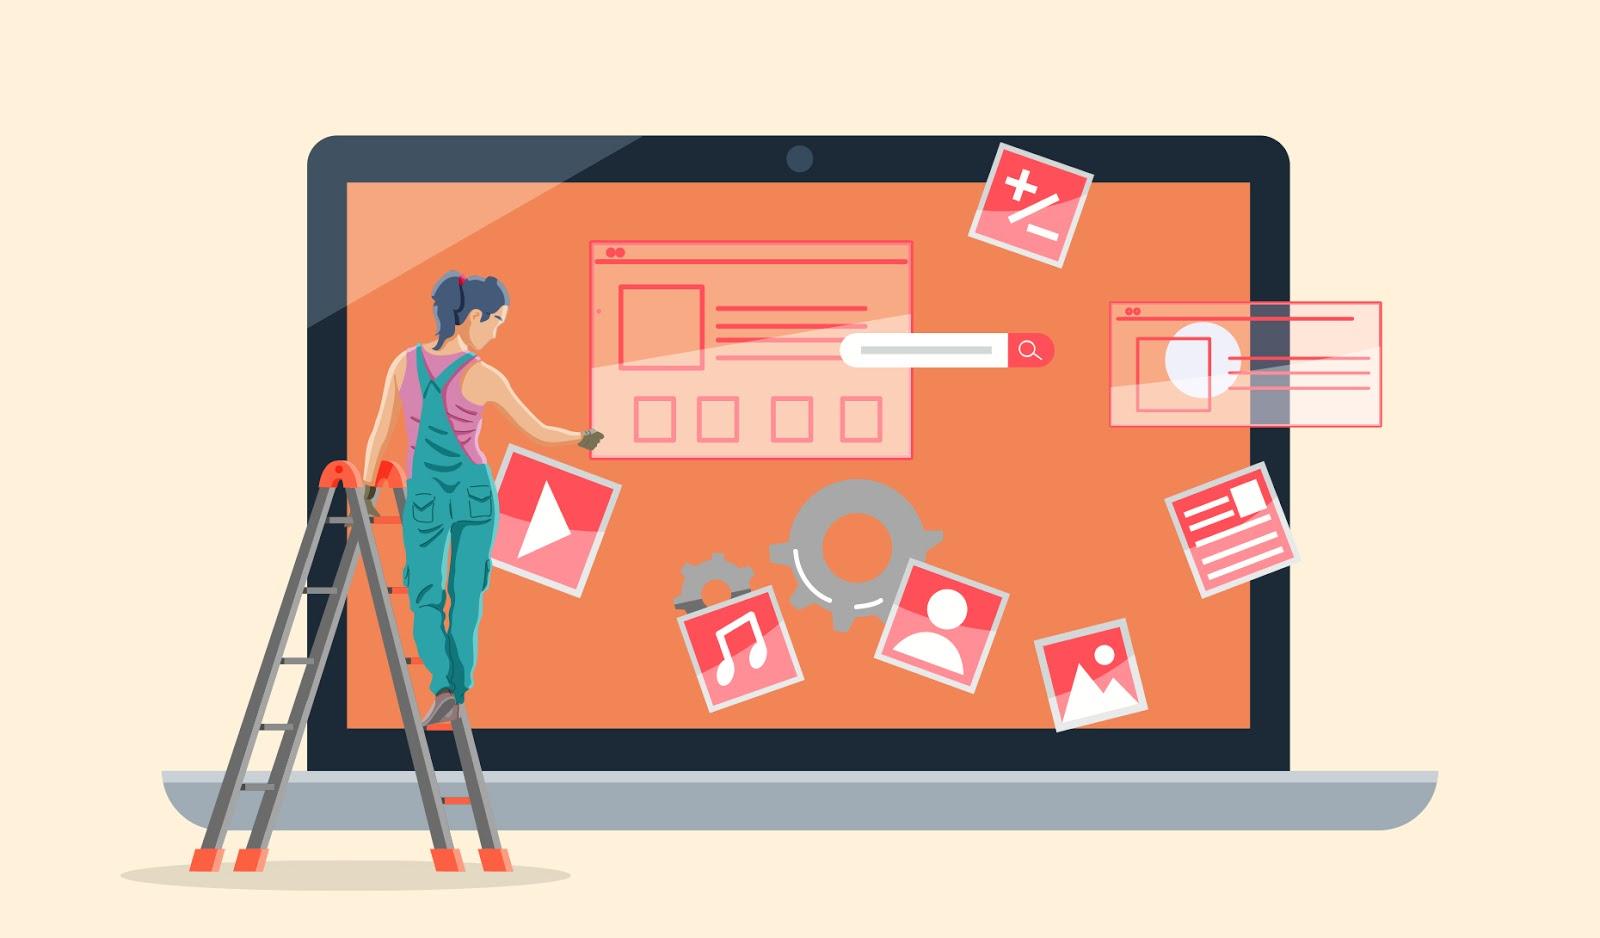 """Иллюстрация персонажа, создающего веб-сайт """"width ="""" 1600 """"height ="""" 938 """"/>    <figcaption> Конструкторы веб-сайтов становятся все более популярными, поскольку делают создание веб-сайтов более доступным и интуитивно понятным. Дизайн OrangeCrush </figcaption></figure> <p> Хотя конструкторы веб-сайтов по-прежнему используют готовые шаблоны, многие из них также включают инструменты индивидуального проектирования, услуги хостинга, функции безопасности и аналитики на одной платформе. Компании любого размера и бюджета интегрировали конструкторы веб-сайтов в свой рабочий процесс , быстрое создание и запуск веб-страниц без особого написания кода. </p> <p> Конструкторы веб-сайтов снимают много стресса и затрат с процесса веб-дизайна, но новички все равно могут счесть их сложными в использовании. Есть так много вариантов на выбор, с огромным количеством различных конструкторов и огромным количеством тем, шаблонов и надстроек, предлагаемых каждым. Чтобы упростить задачу, мы составили это исчерпывающее руководство по выбору лучших конструкторов веб-сайтов и их использованию, включая то, на что обращать внимание при выборе вашего. </p> <h2 id="""